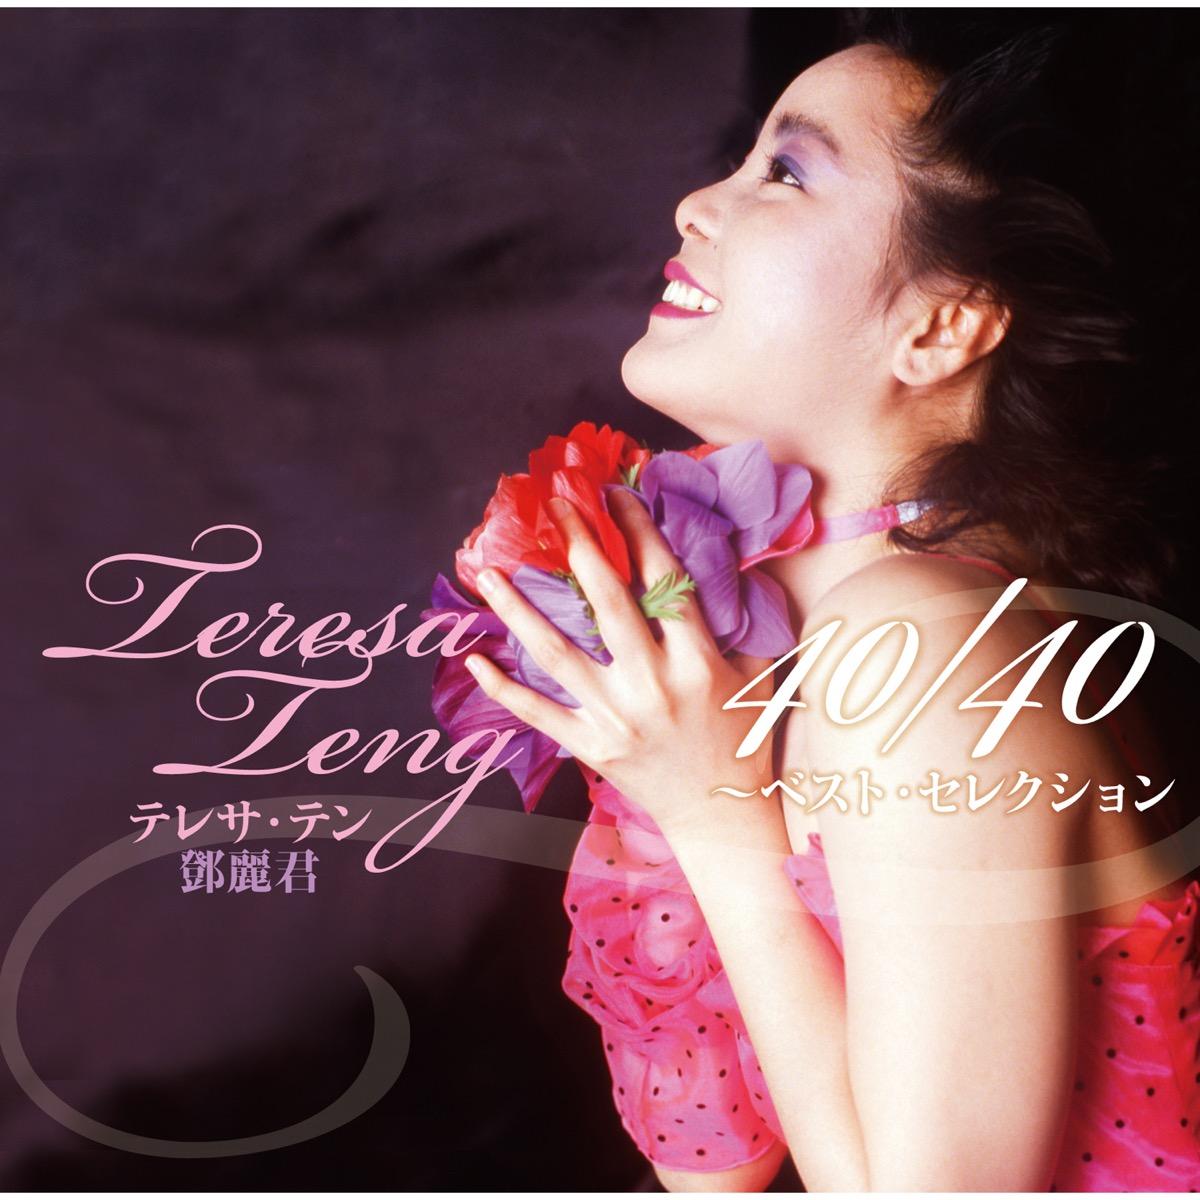 テレサ・テンの画像 p1_28